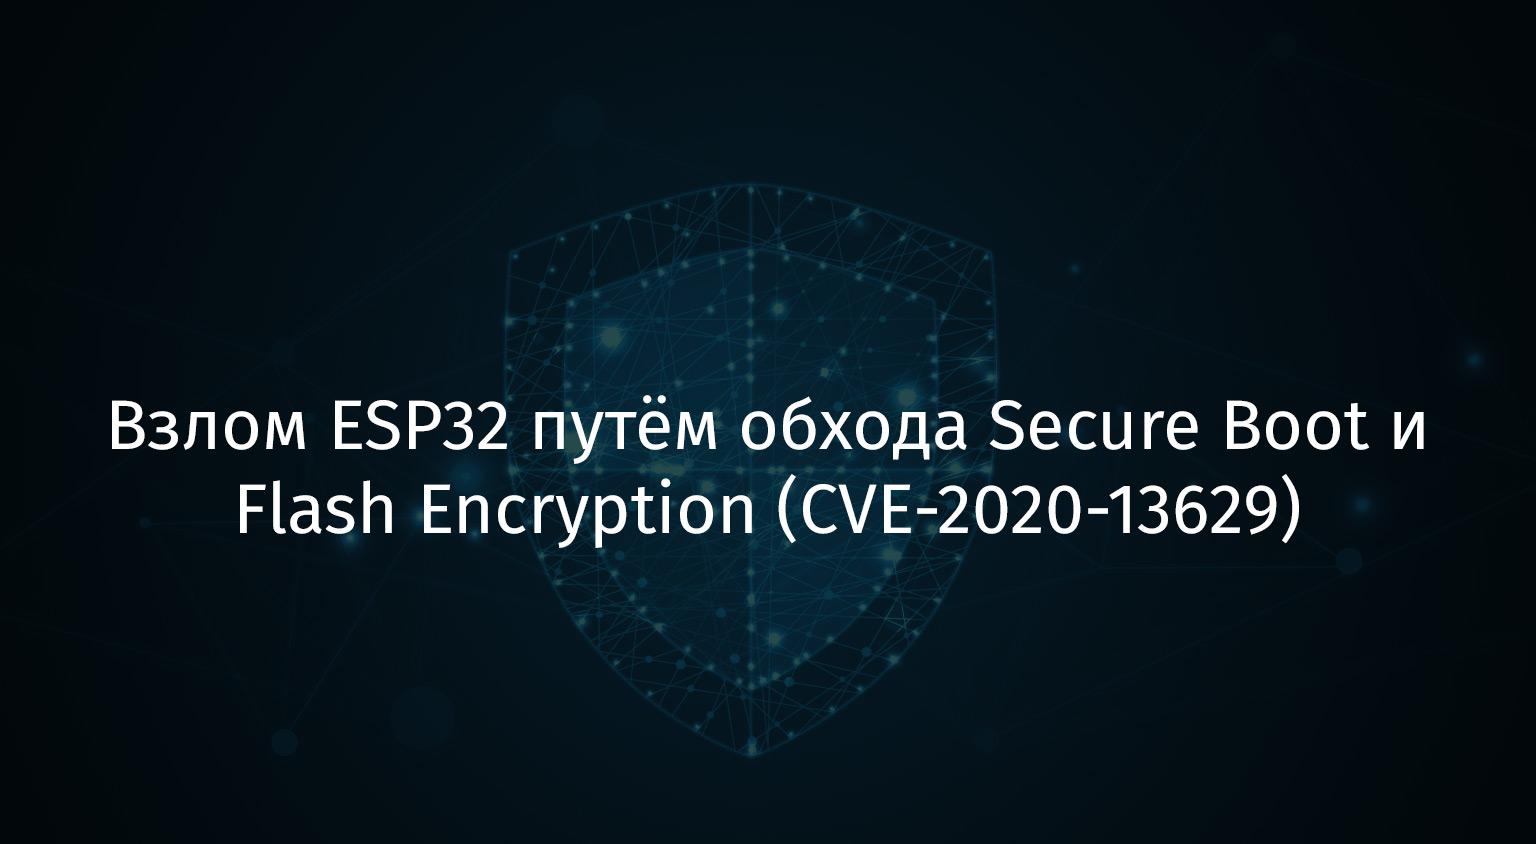 Взлом ESP32 путём обхода Secure Boot и Flash Encryption (CVE-2020-13629) - 1